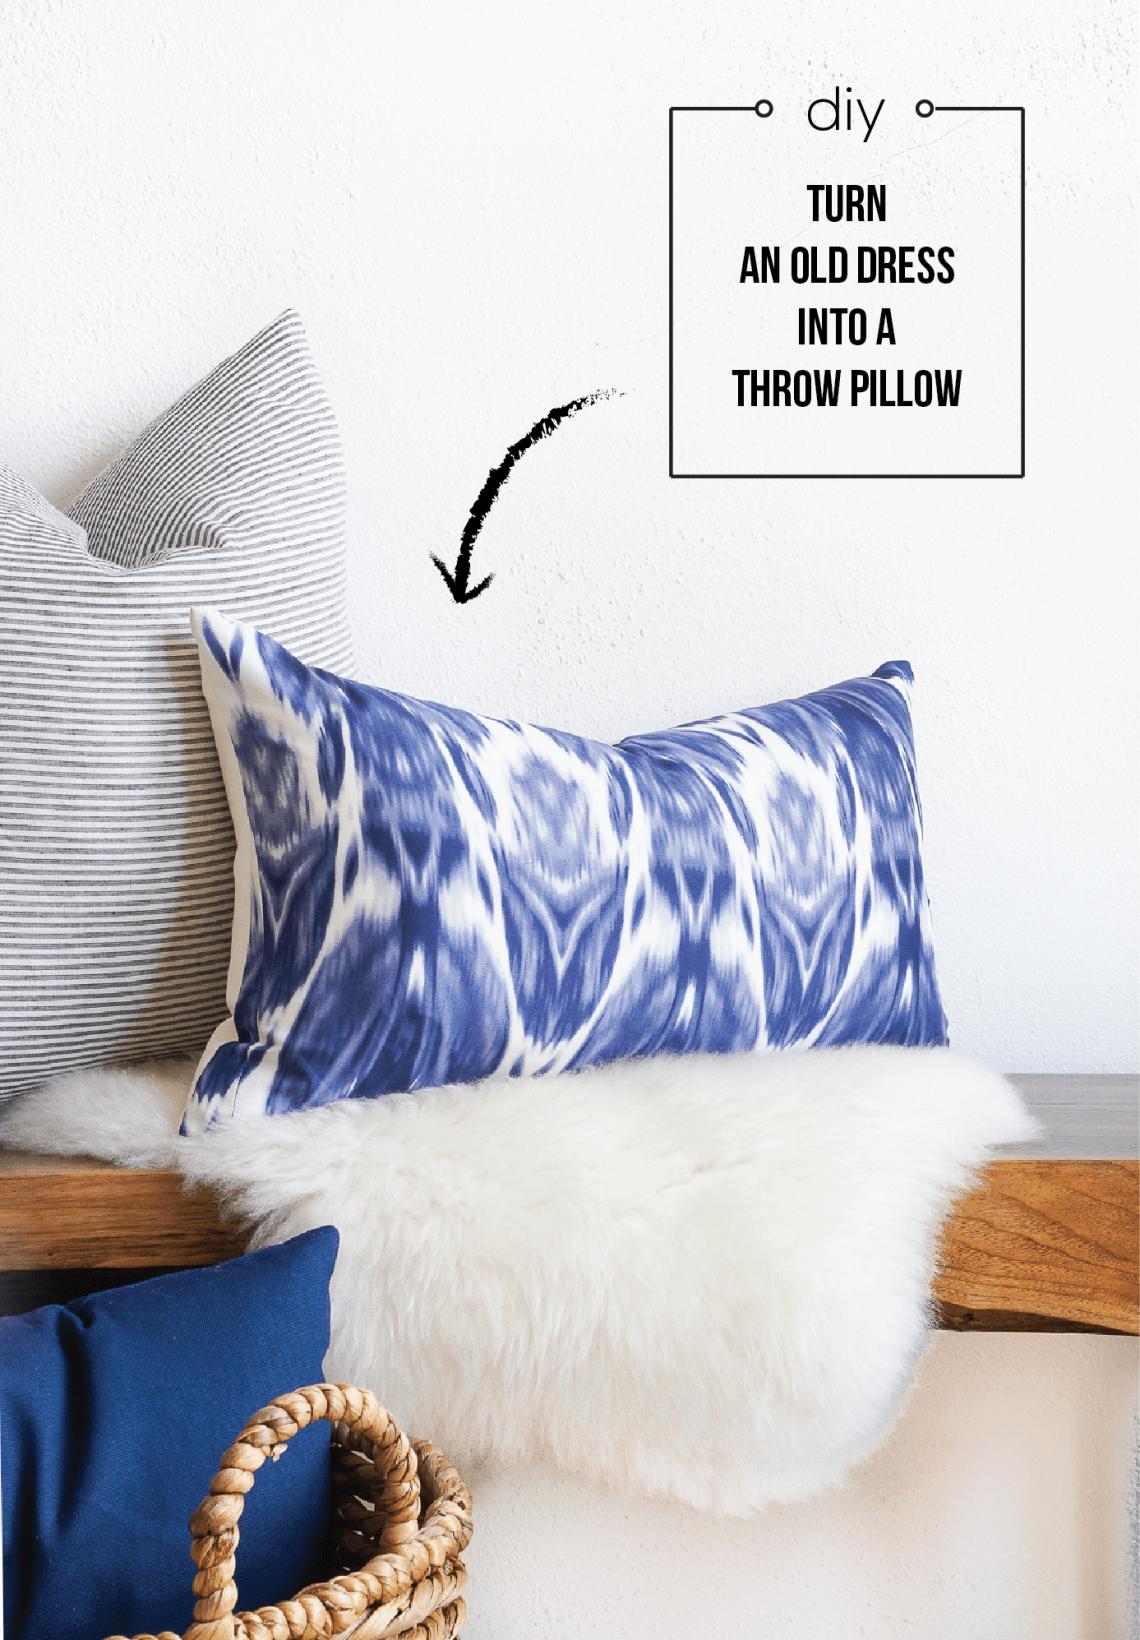 Dress To Throw Pillow Repurposing Fashion Into Home Decor Francois Et Moi